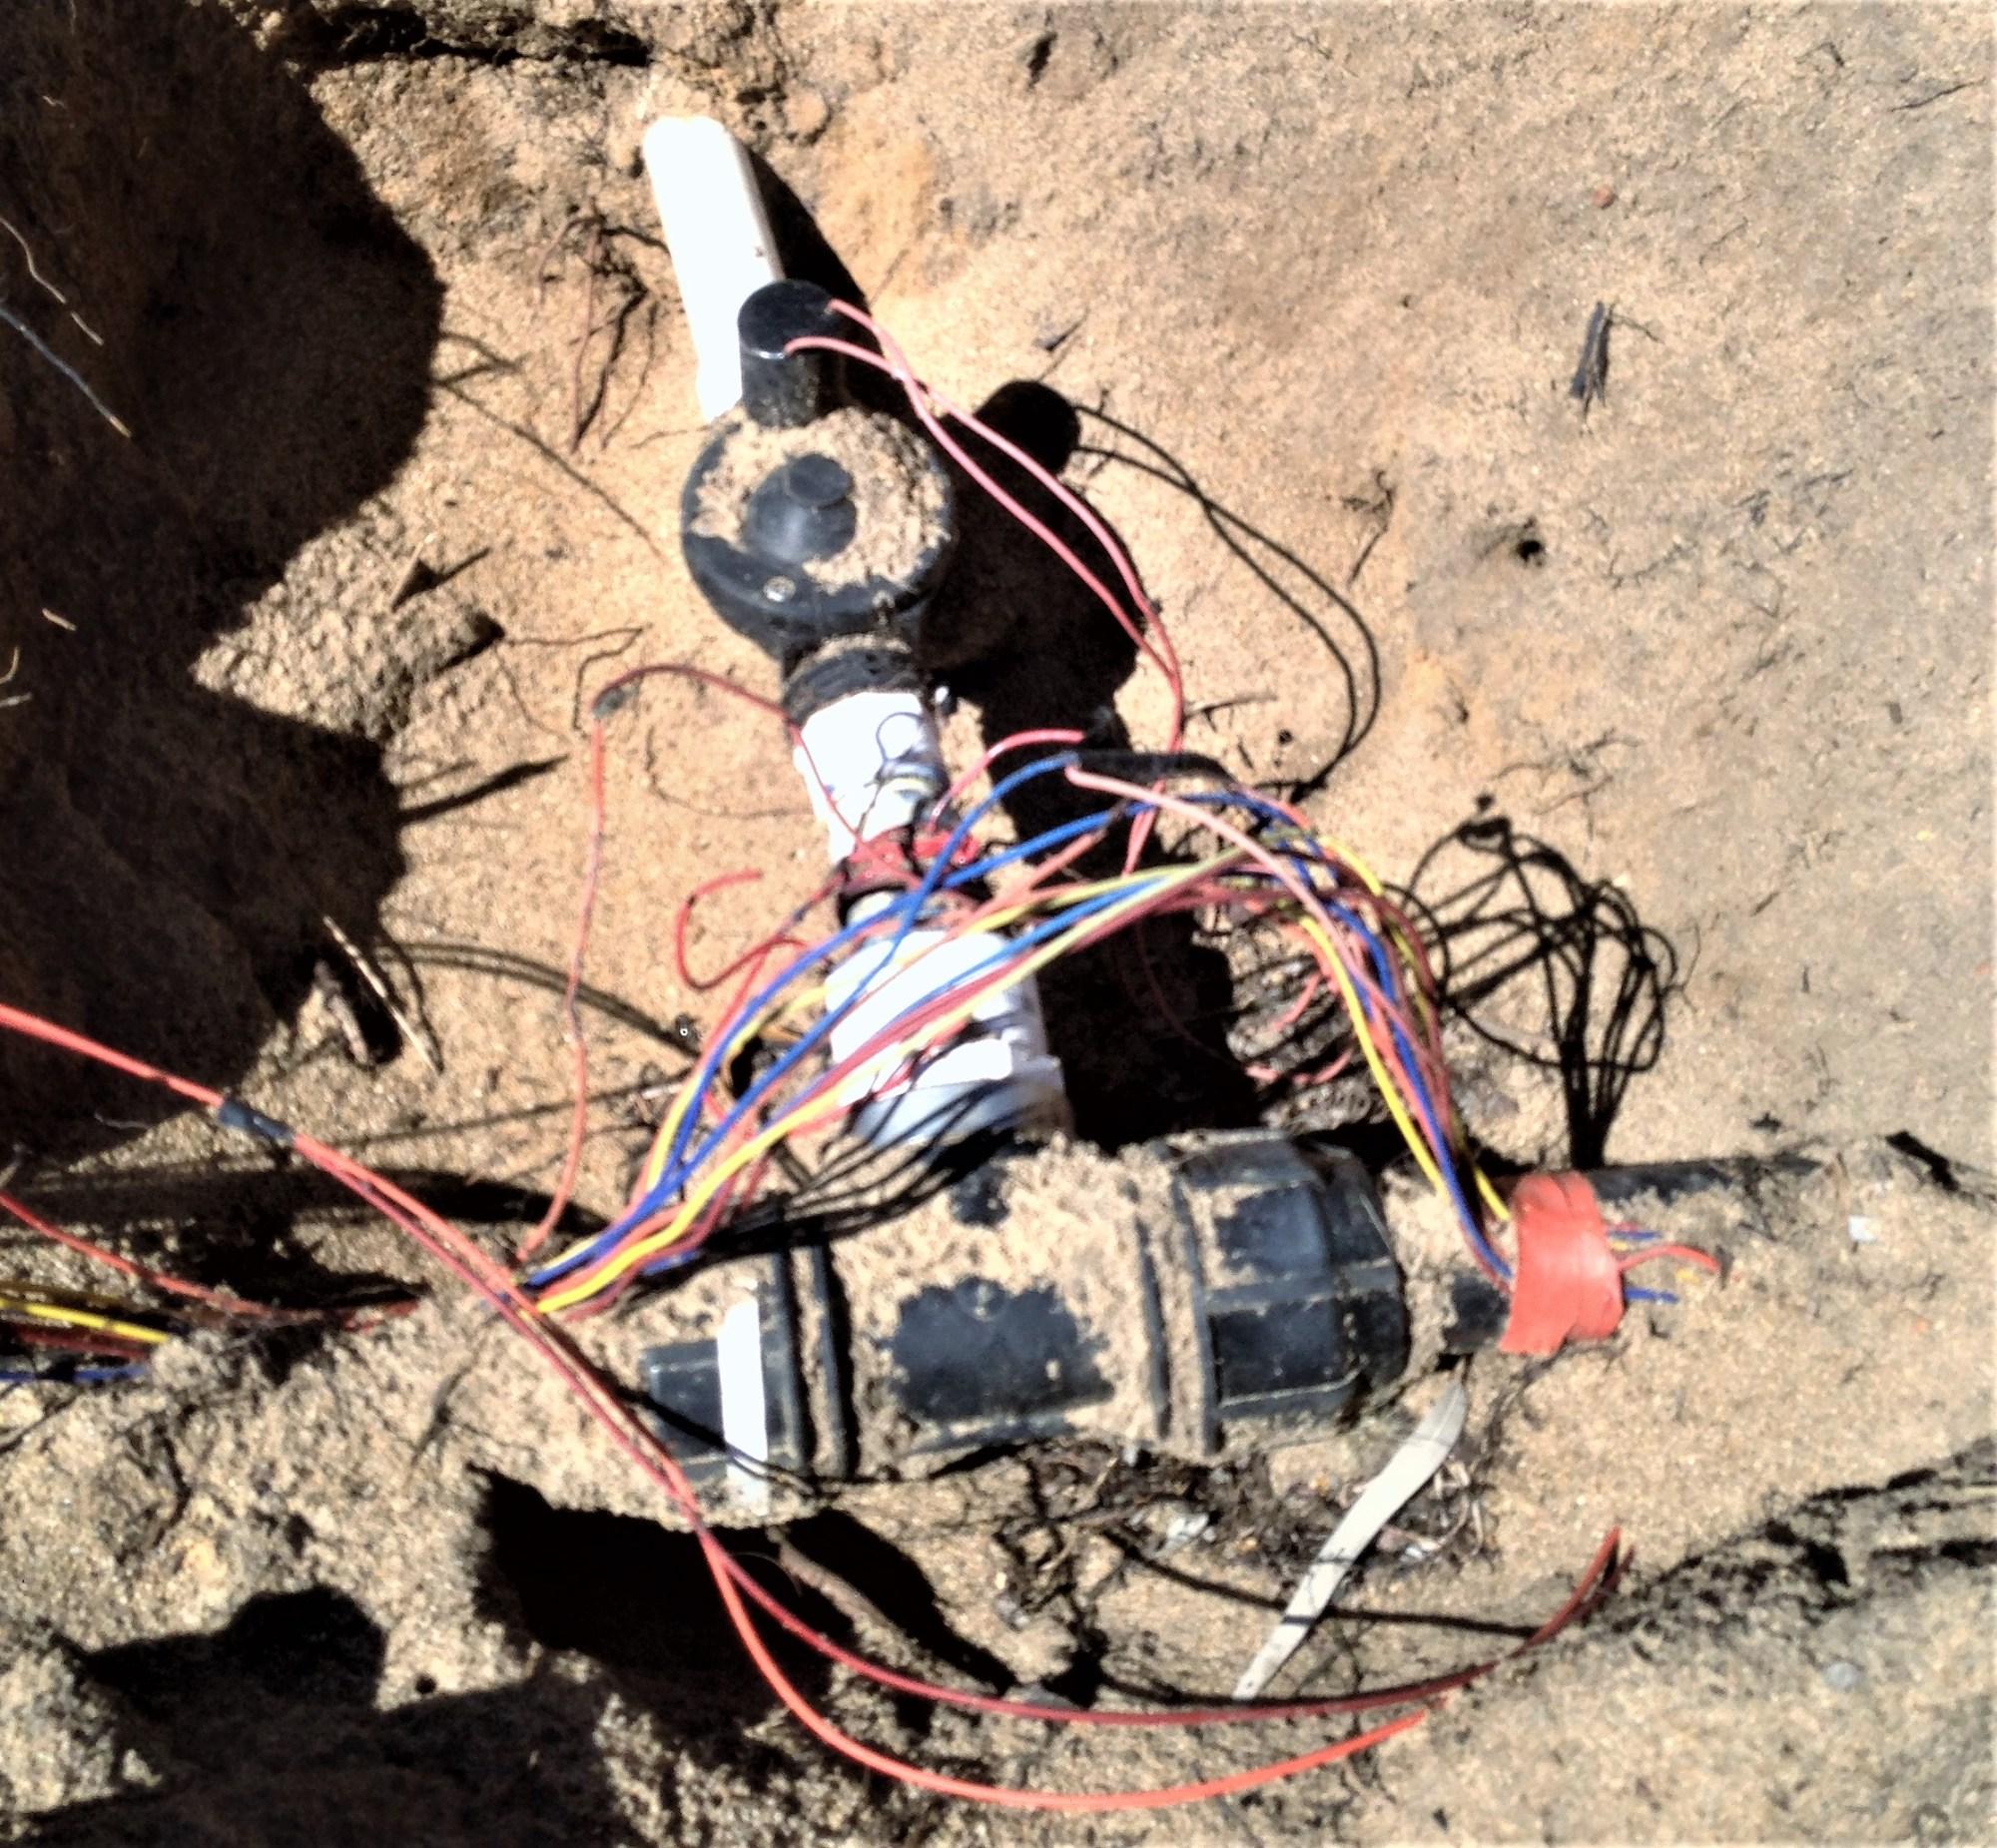 hight resolution of solenoid valve broken wiring perth cut